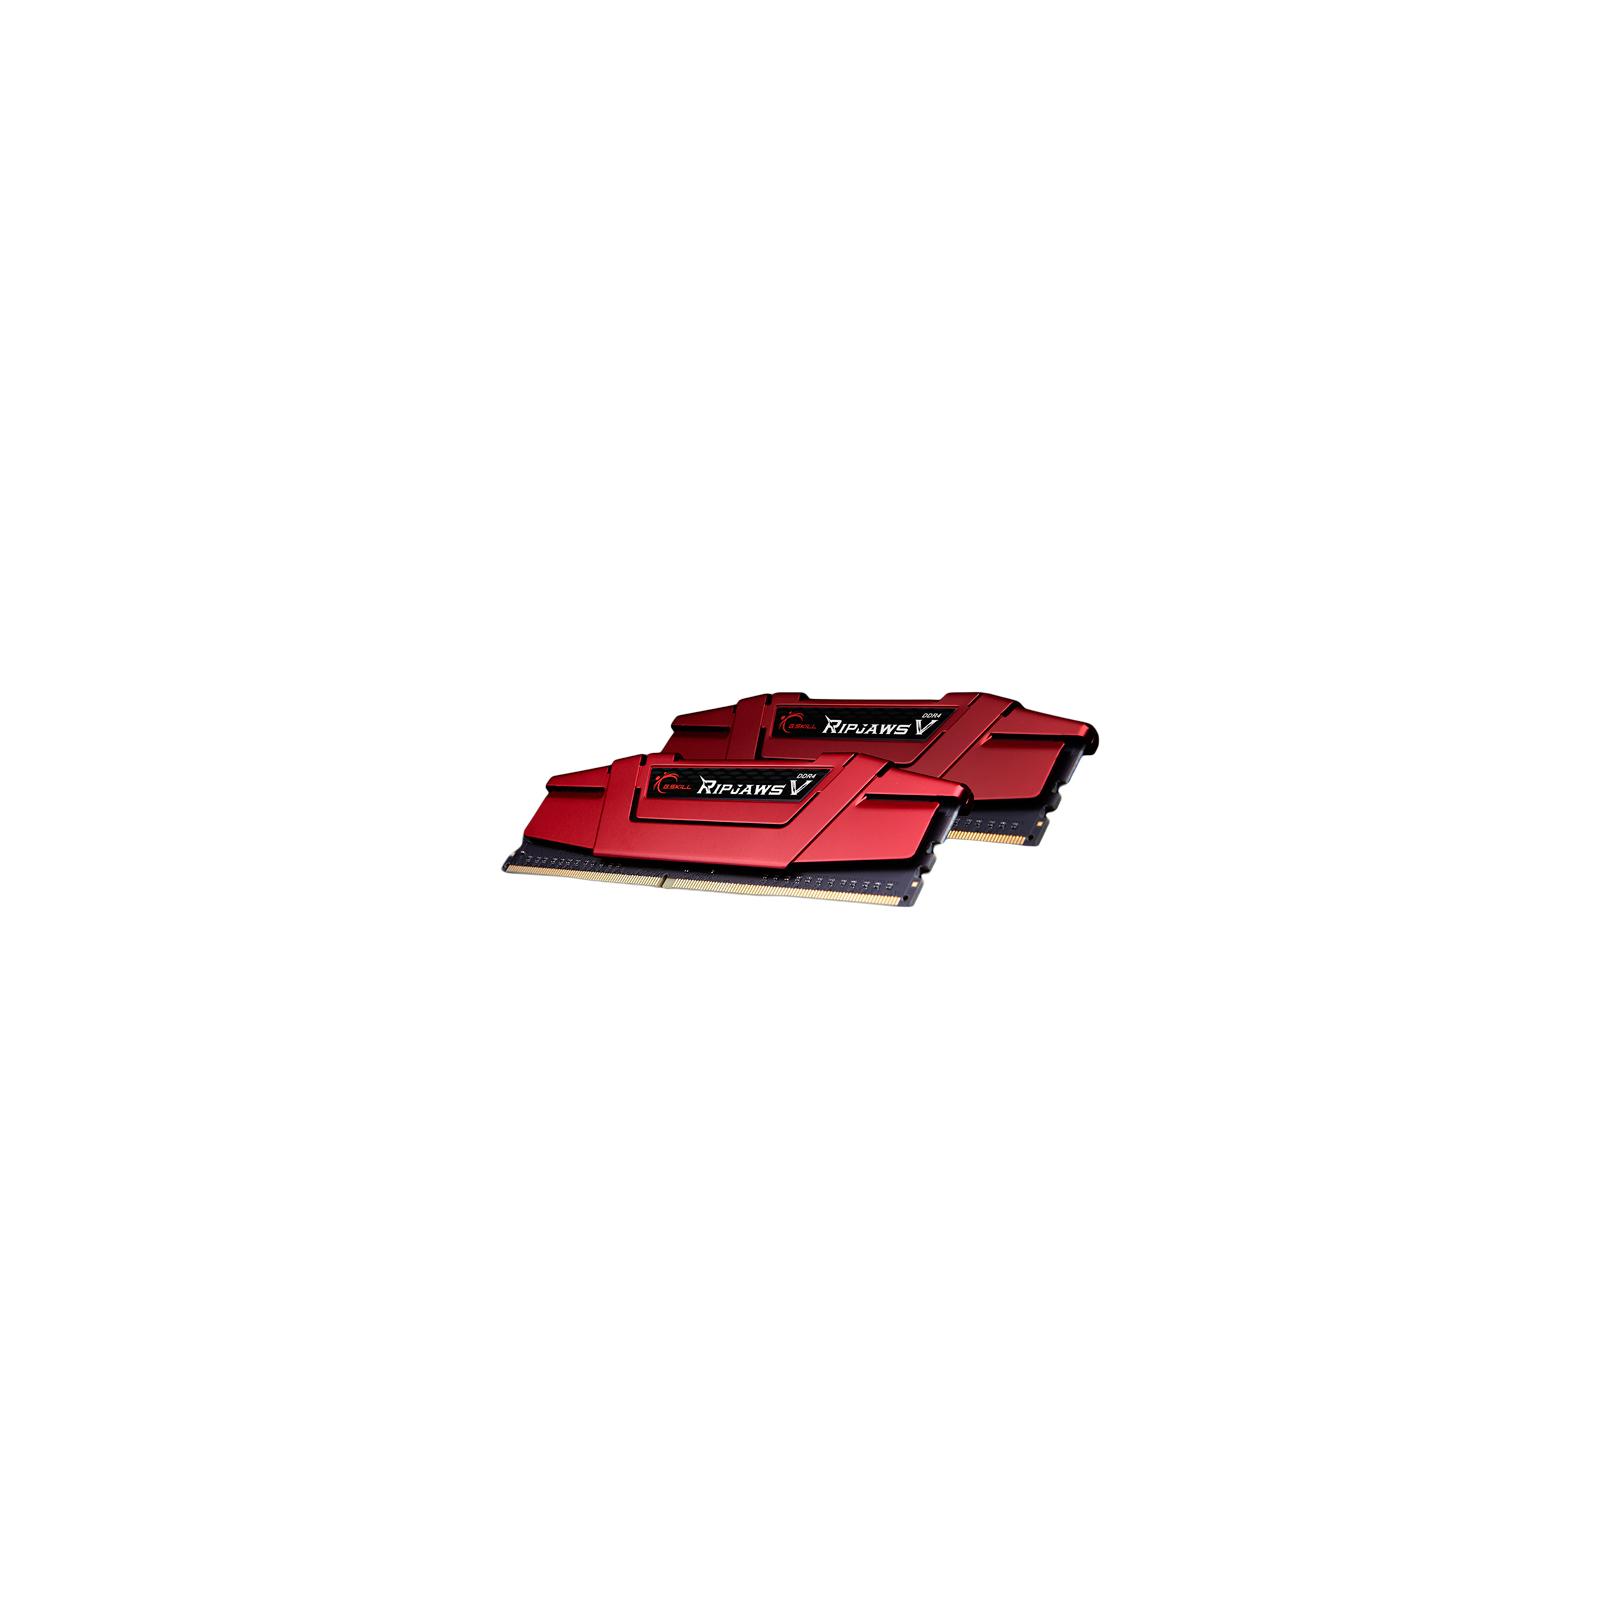 Модуль памяти для компьютера DDR4 32GB (2x16GB) 2133 MHz Ripjaws V G.Skill (F4-2133C15D-32GVR) изображение 2